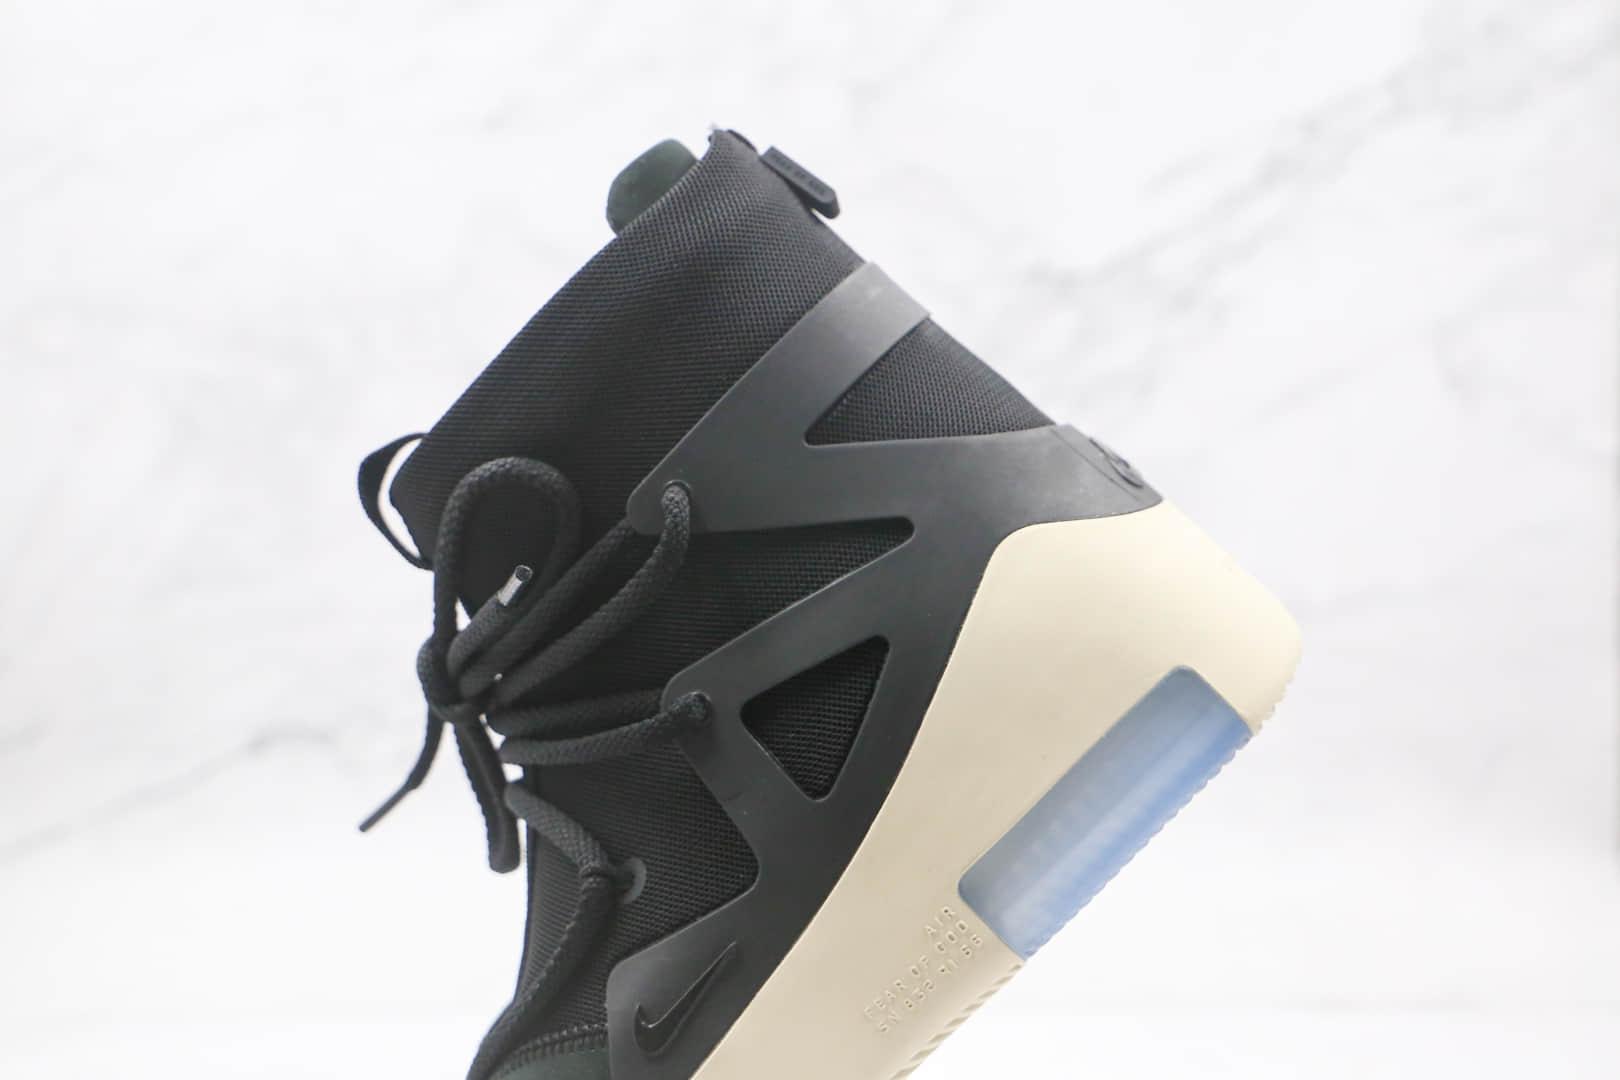 耐克Nike Air Fear of God 1 String The Question x FOG联名款纯原版本恐惧上帝高帮黑色拉链款原盒配件齐全 货号:AR4237-902